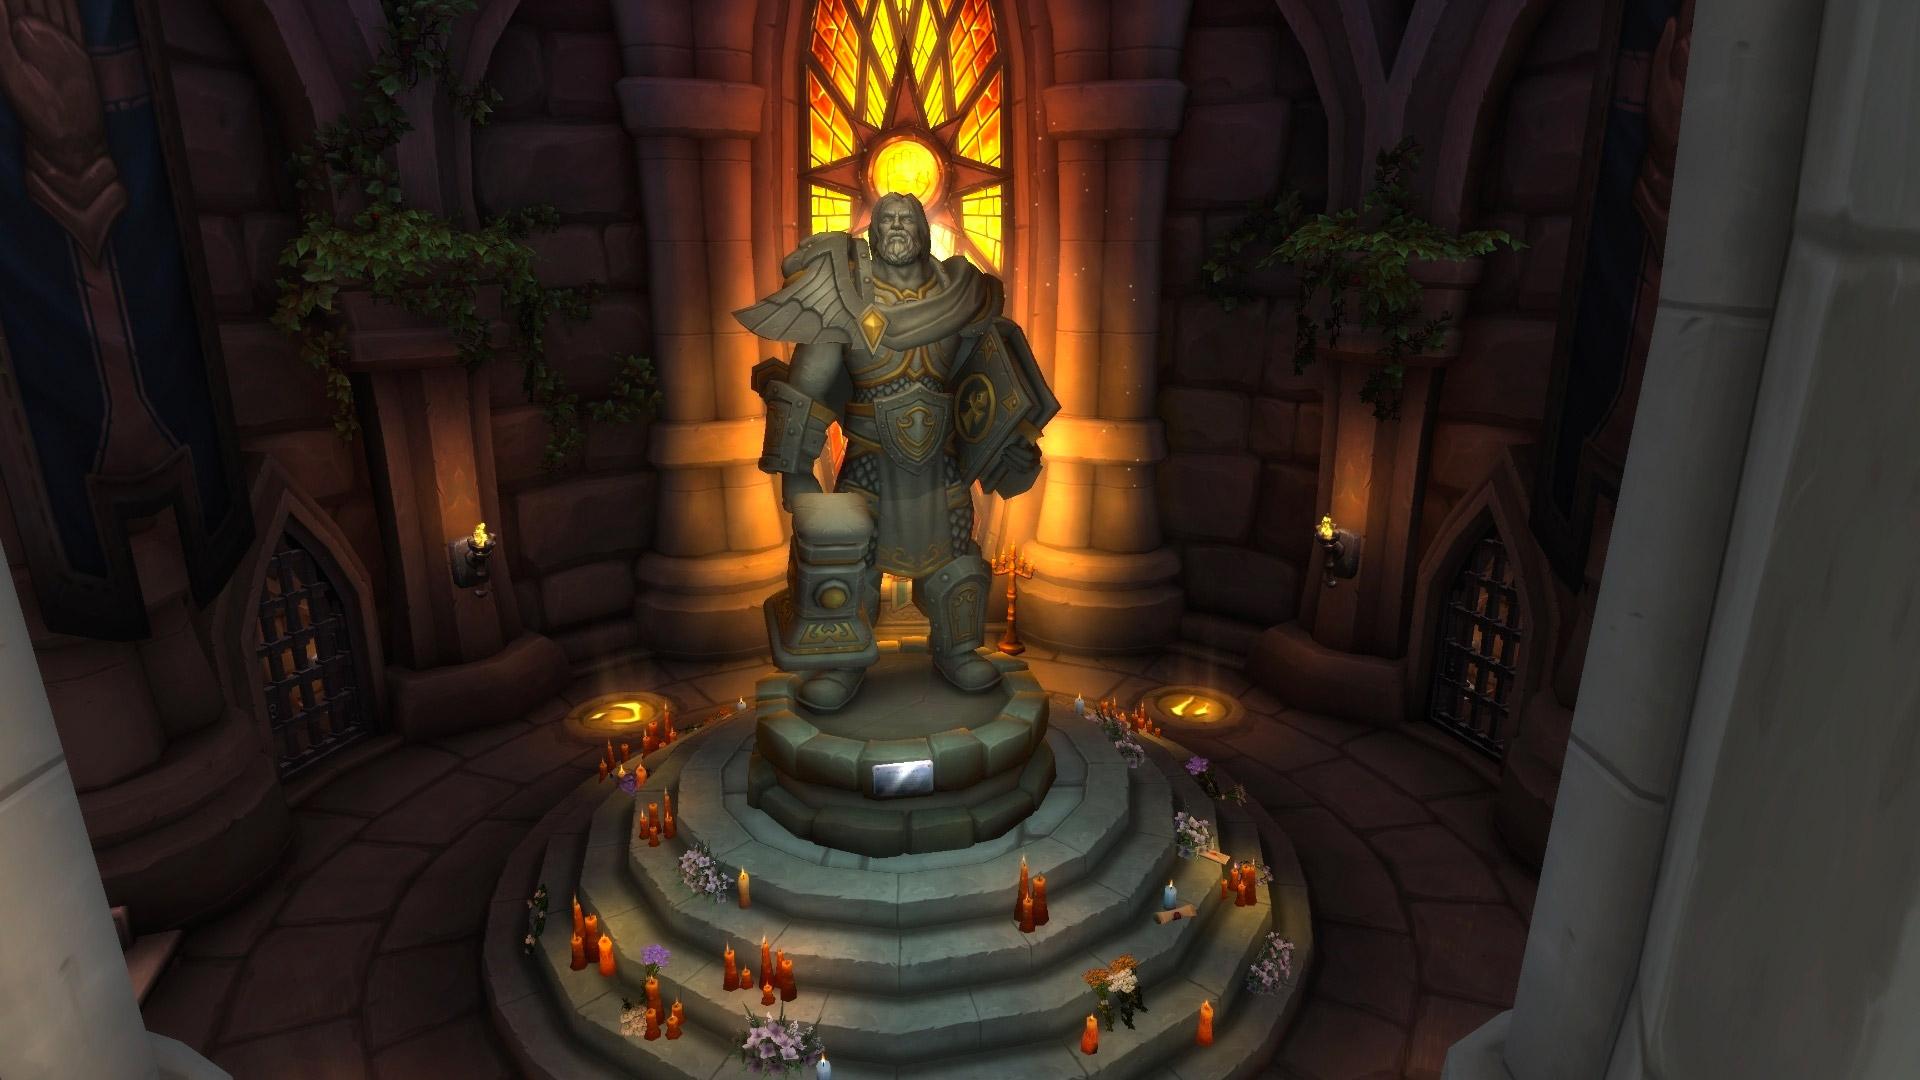 Honorez la mémoire d'Uther dans les Maleterres de l'Ouest  et de Grom dans Orneval